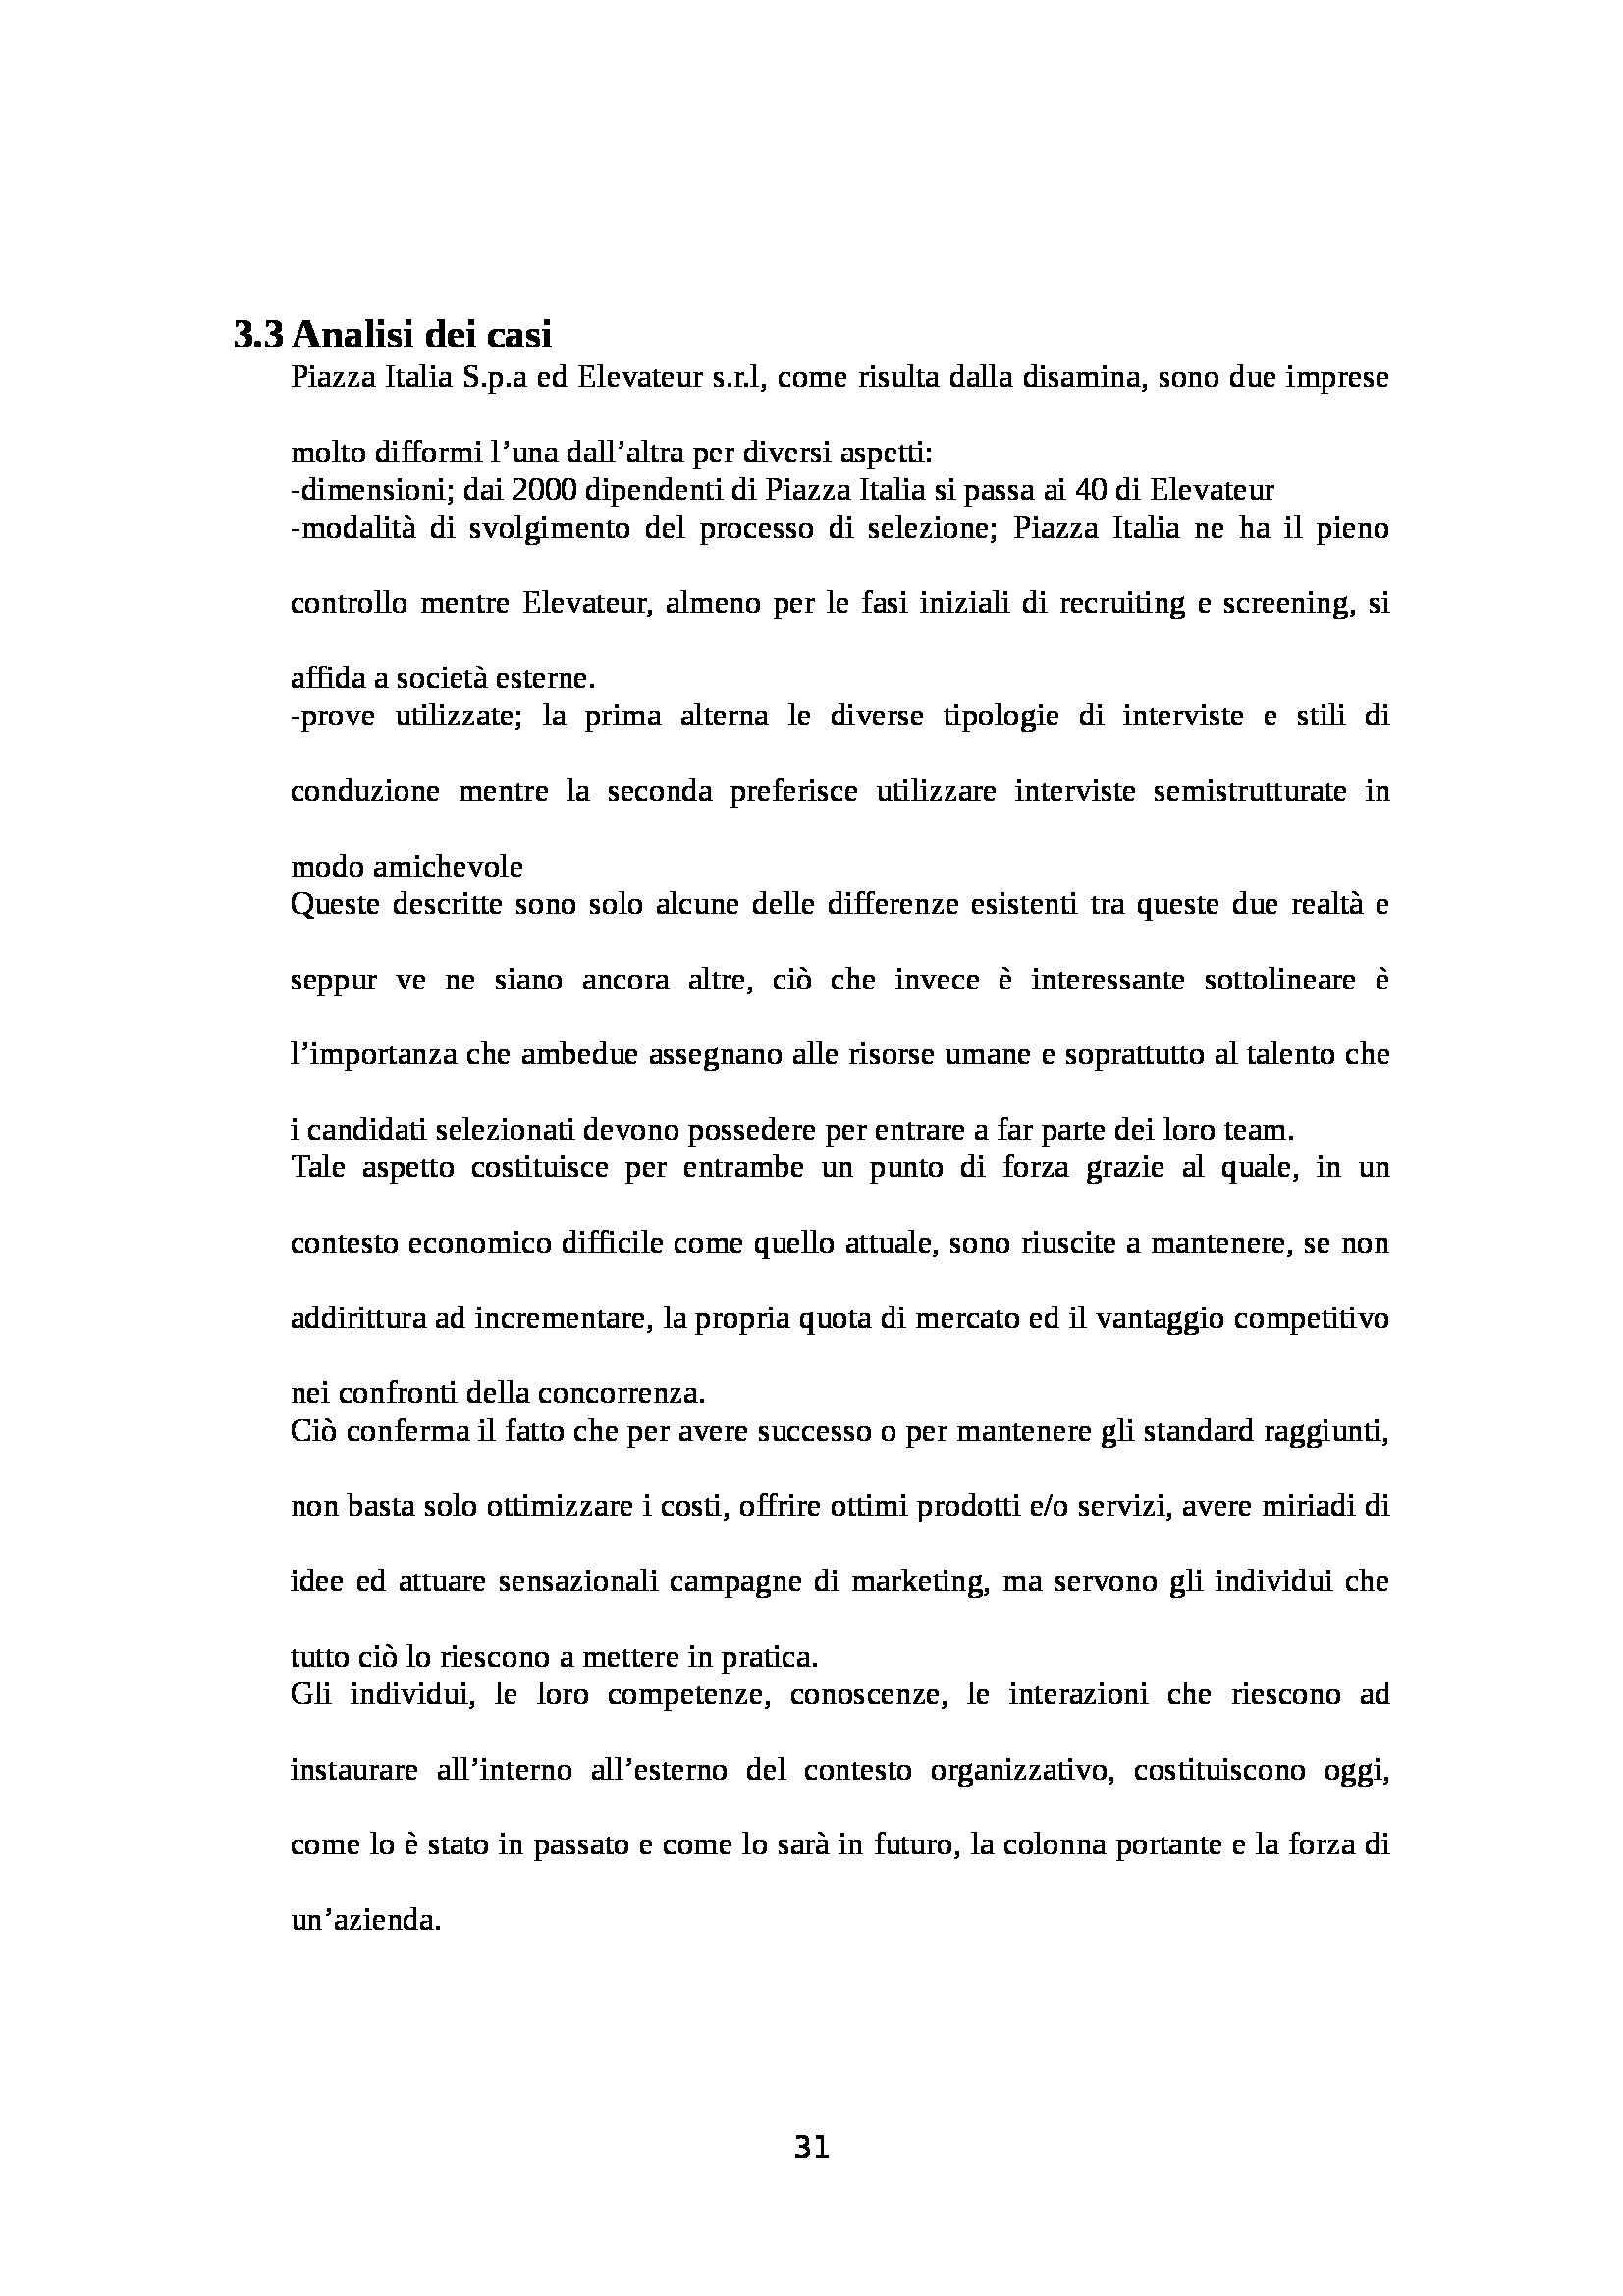 Tesi - I processi di selezione del personale Pag. 31